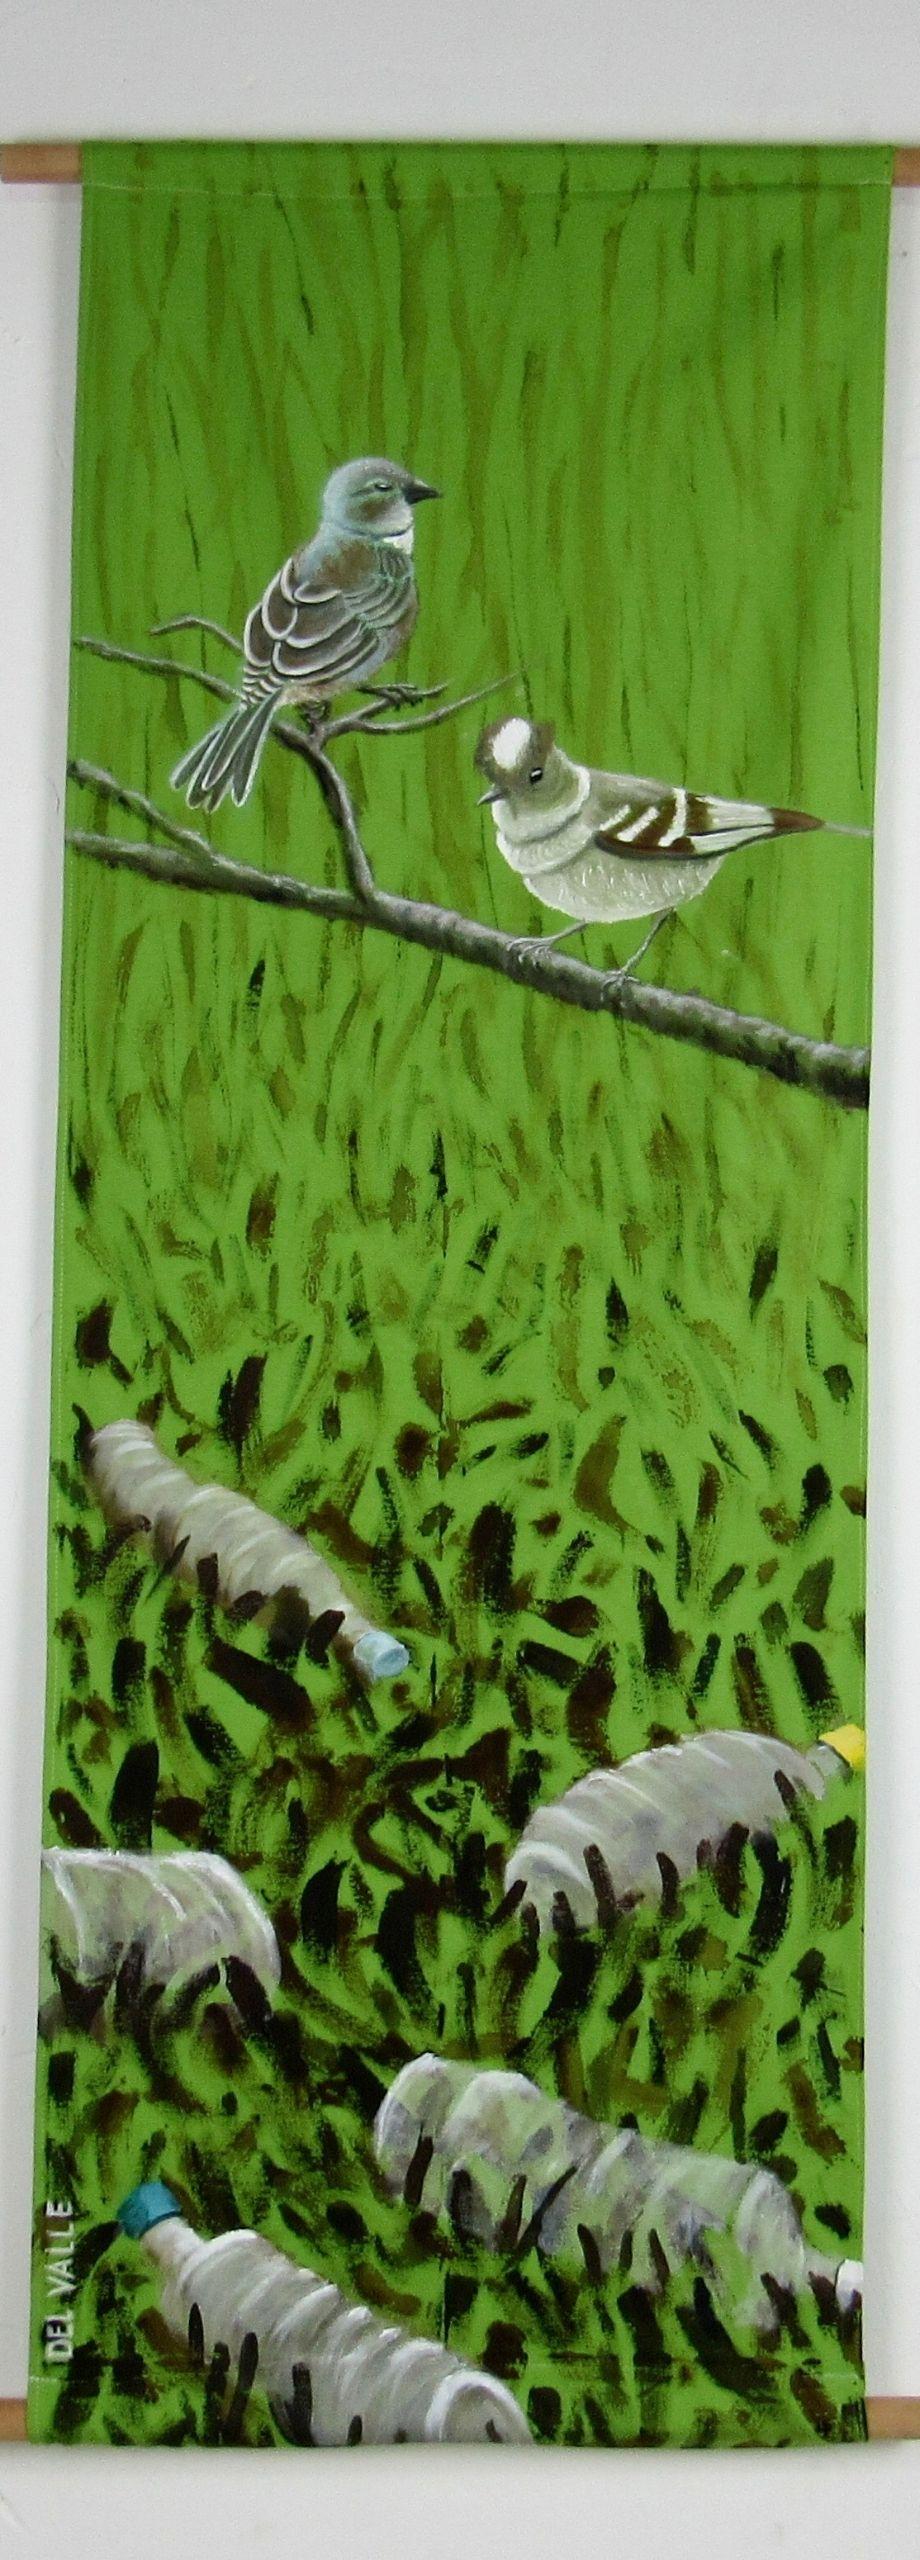 Diuca and Fio birds (135x45 cm)